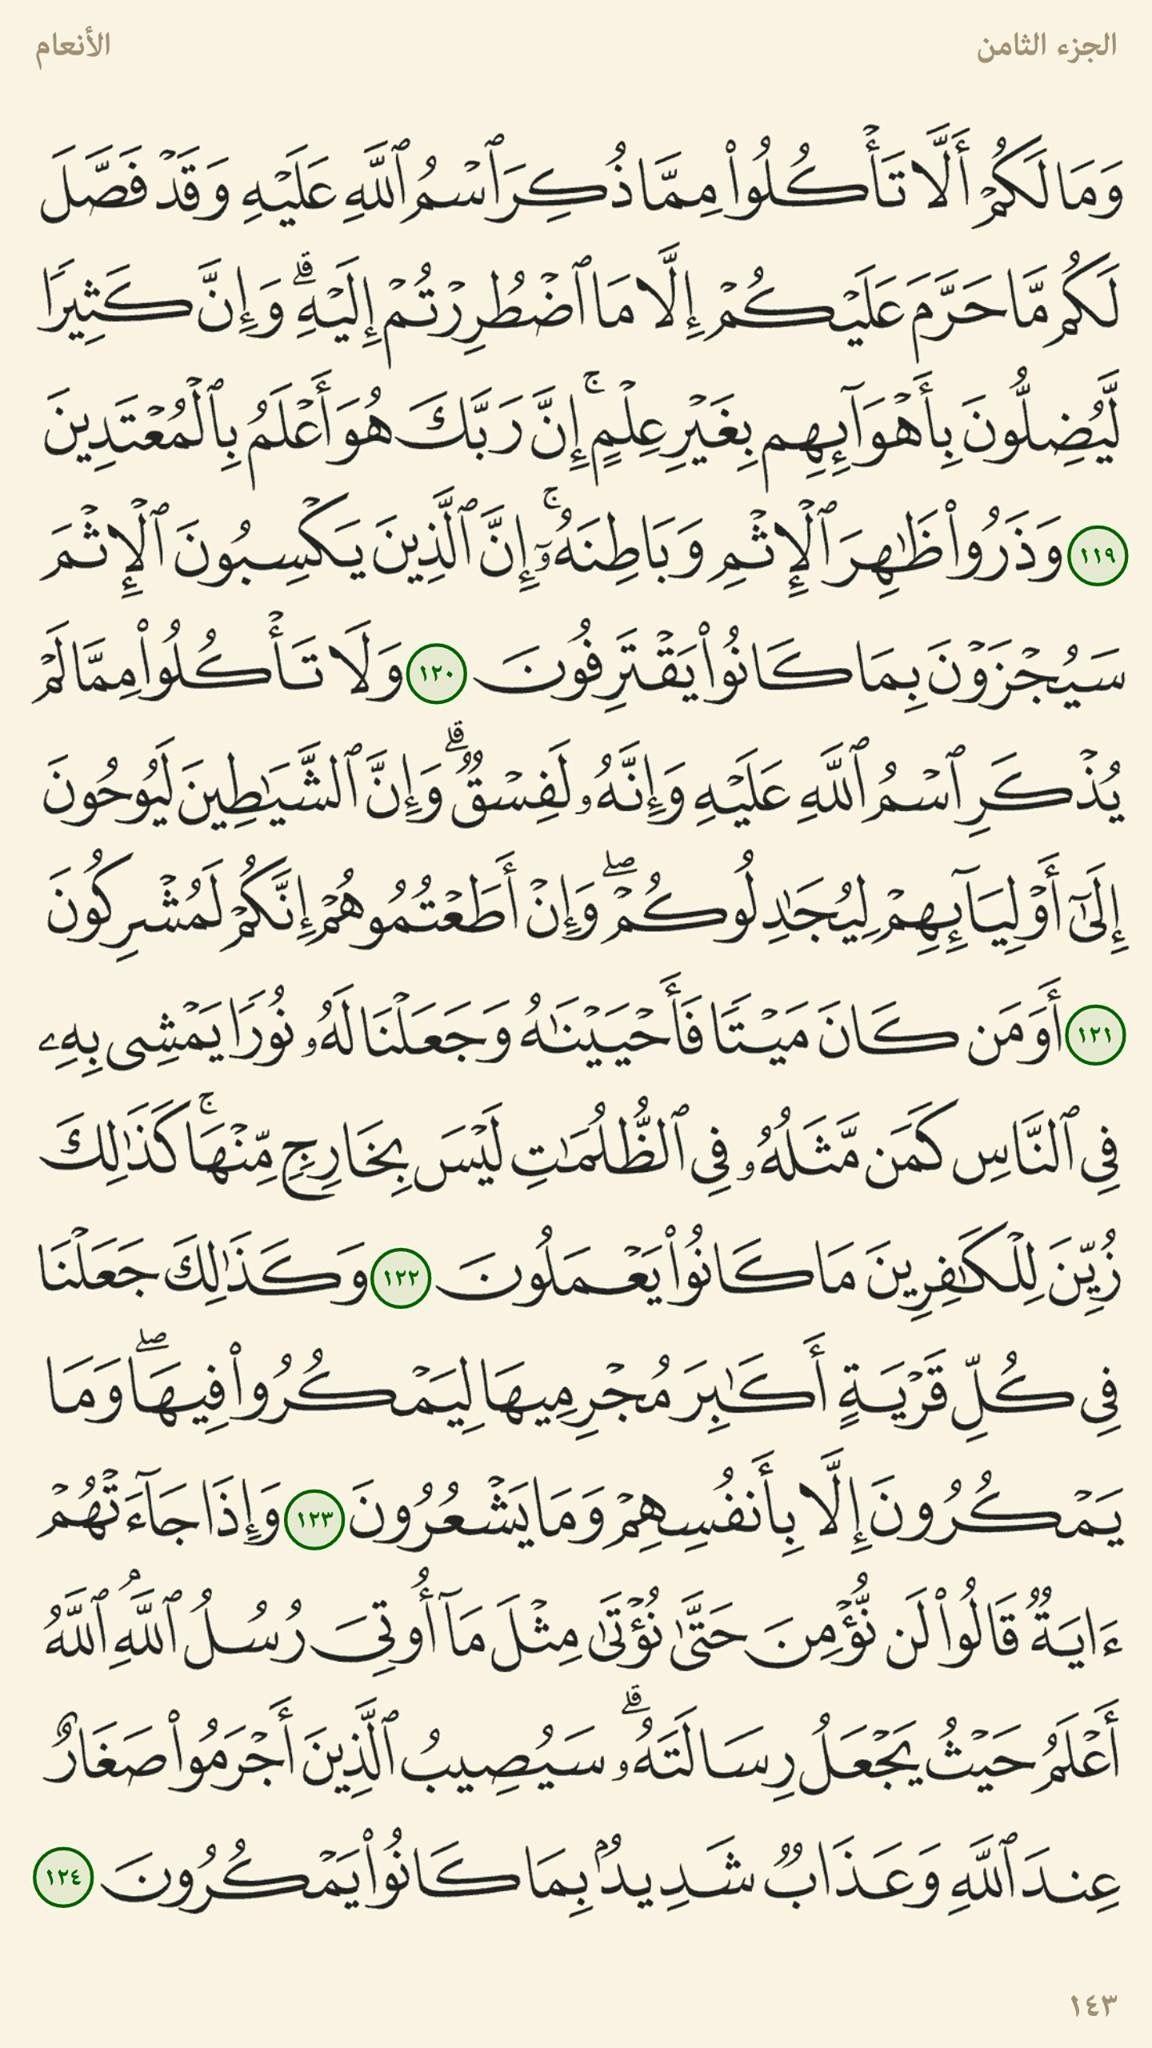 ١١٩ ١٢٤ الأنعام صفحات المصحف المرتل عبد الباسط Math Sheet Music Math Equations